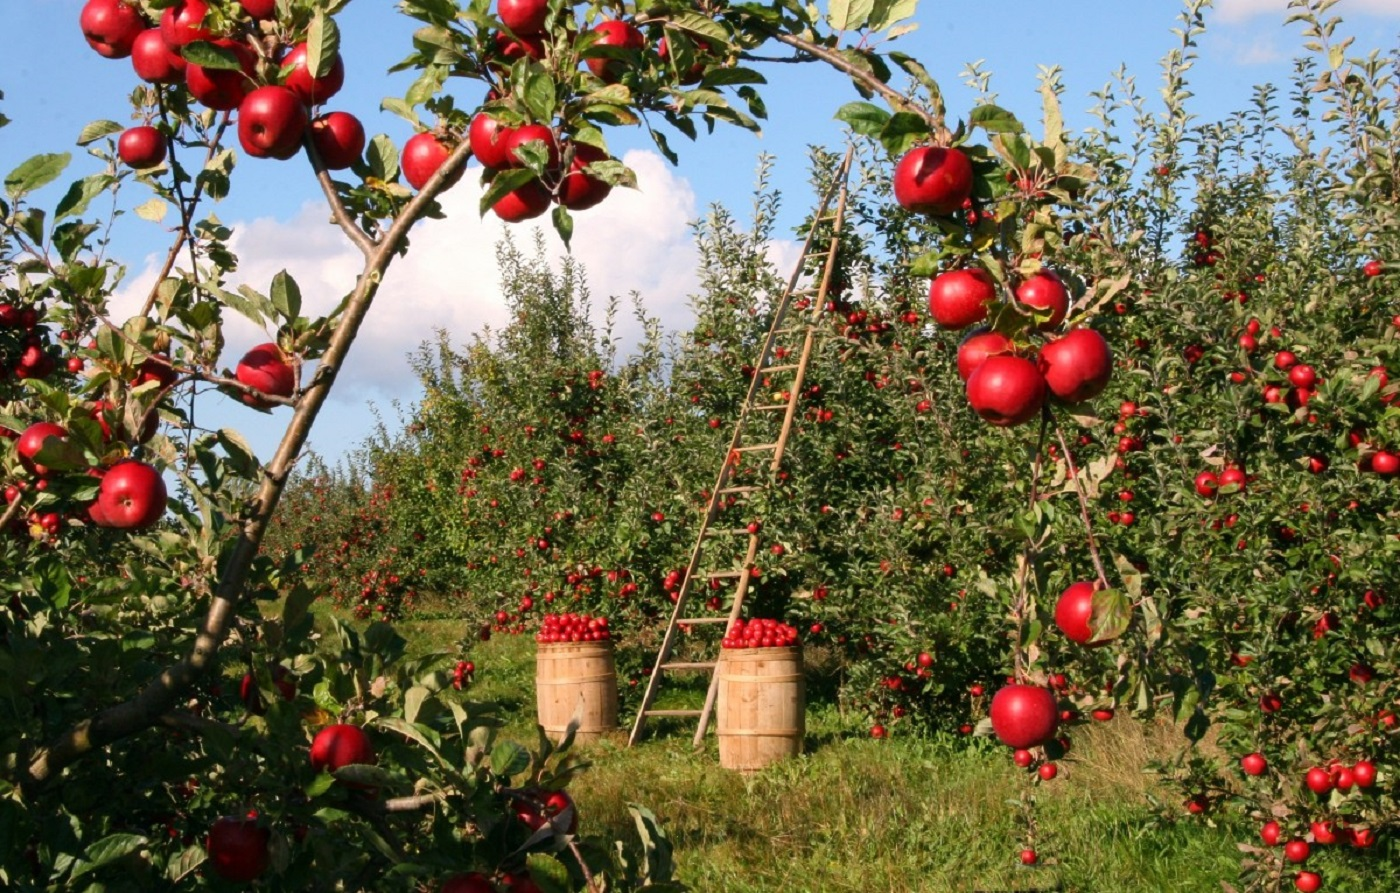 image: the edible landscape